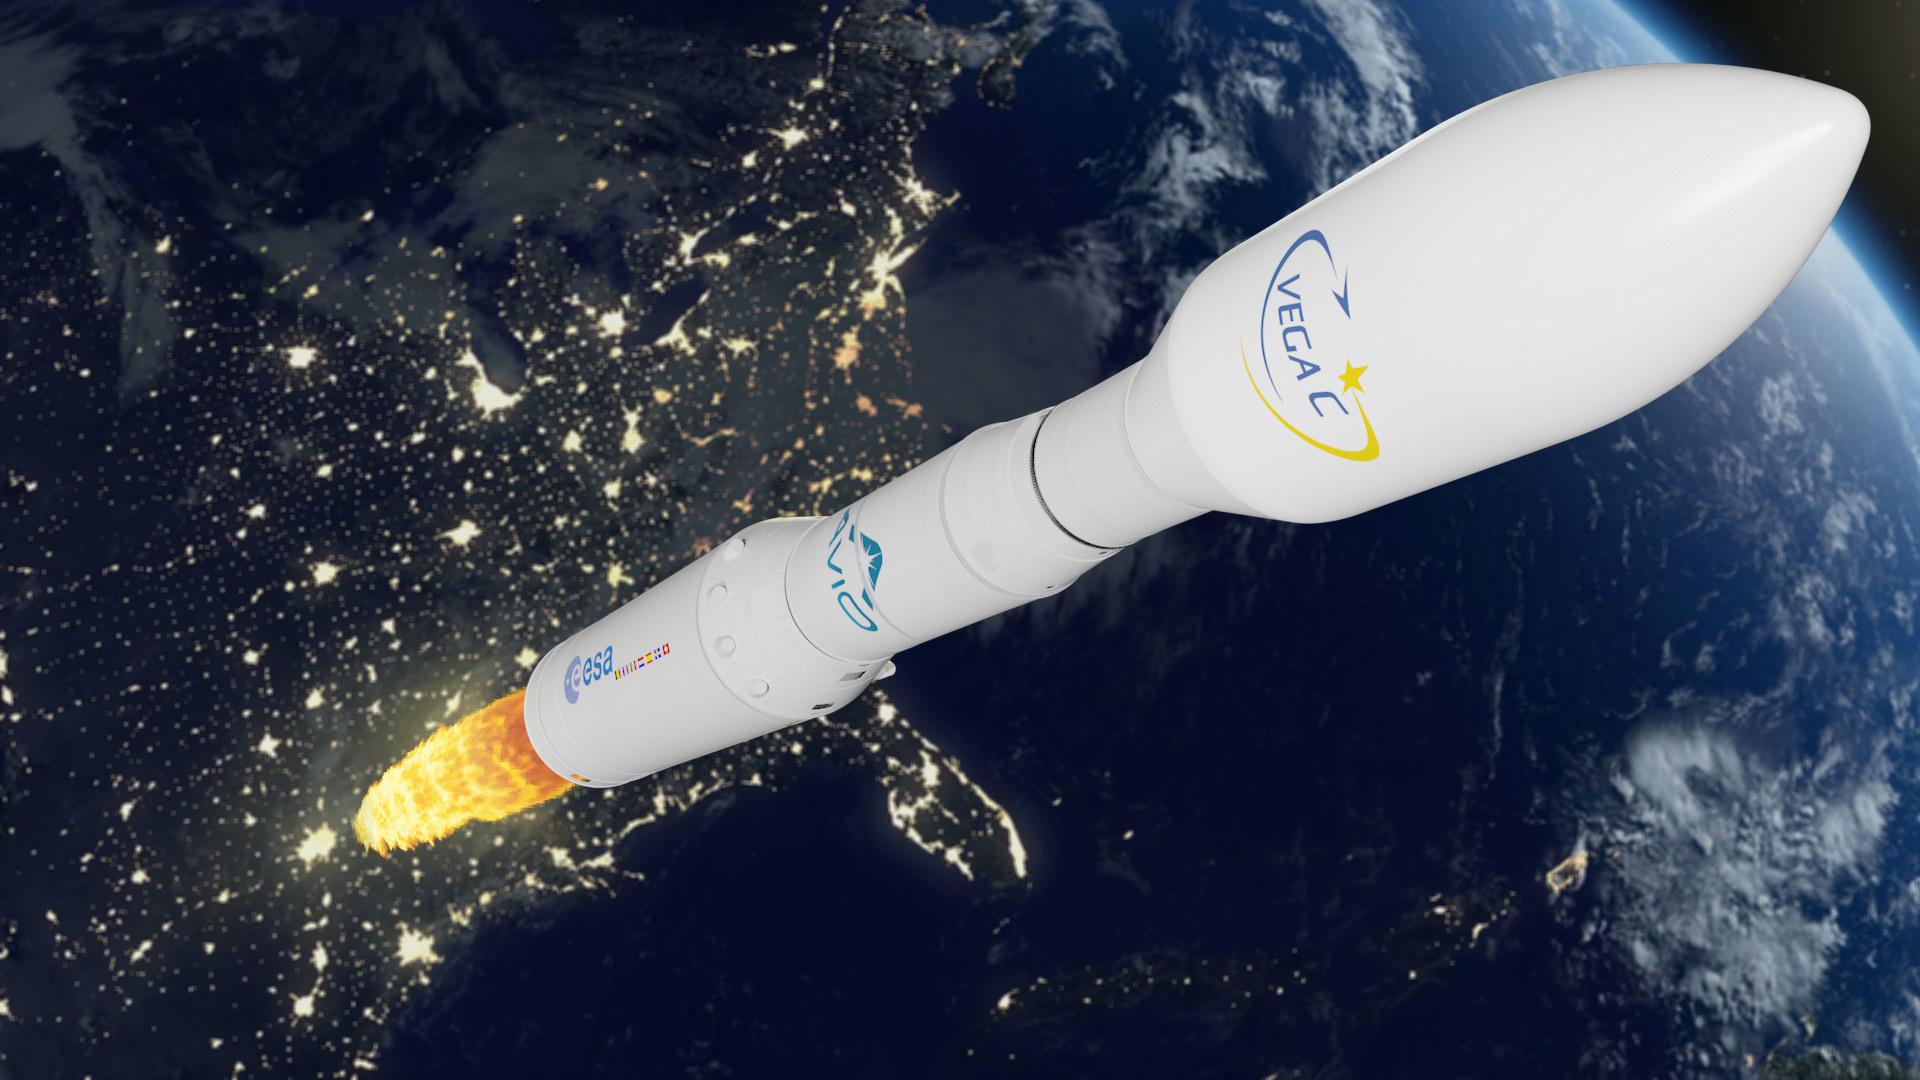 La spinta per i nuovi razzi dell'agenzia spaziale europea è made in Ravenna